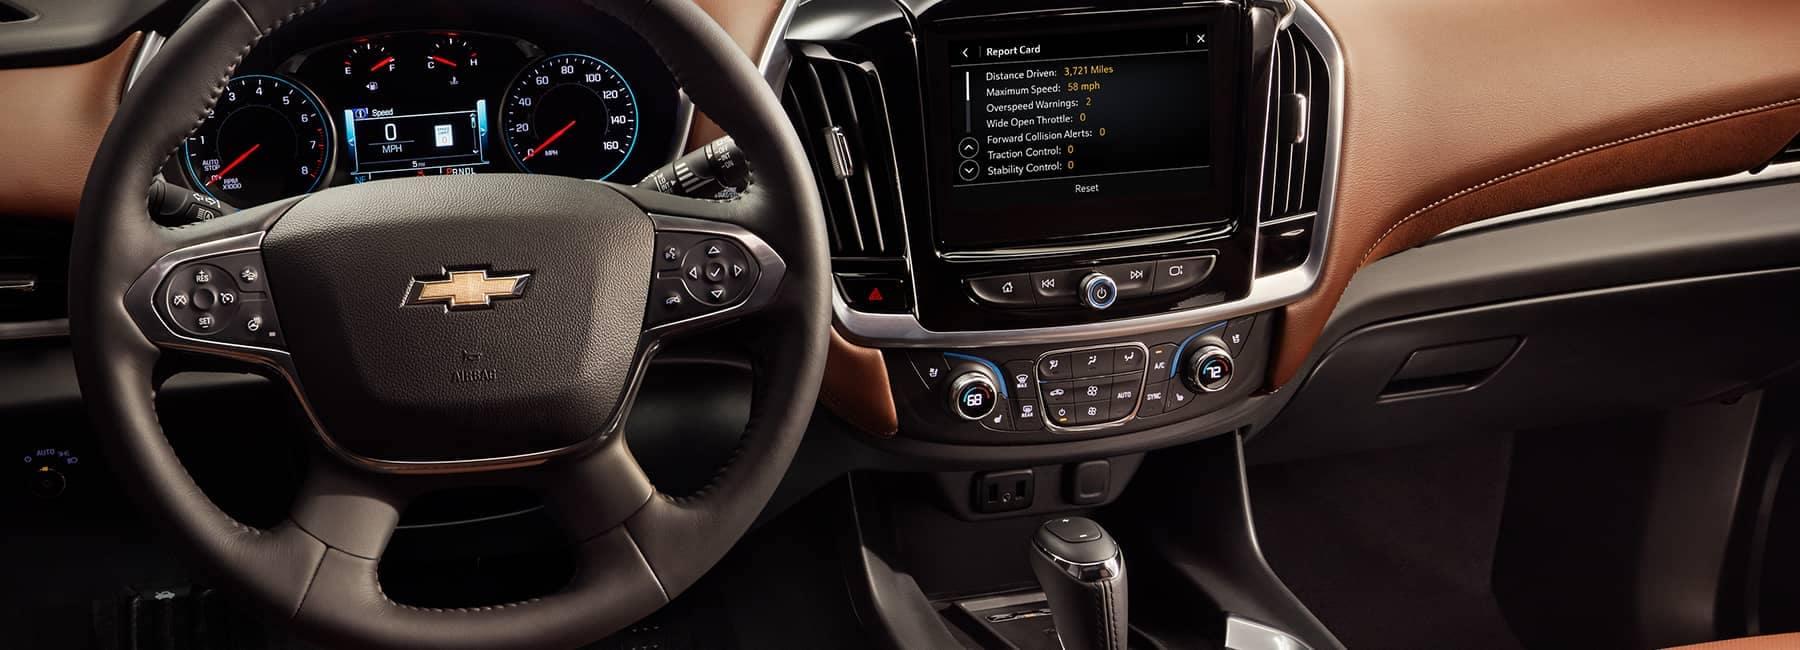 2020 Chevrolet Traverse Interior Dashboard